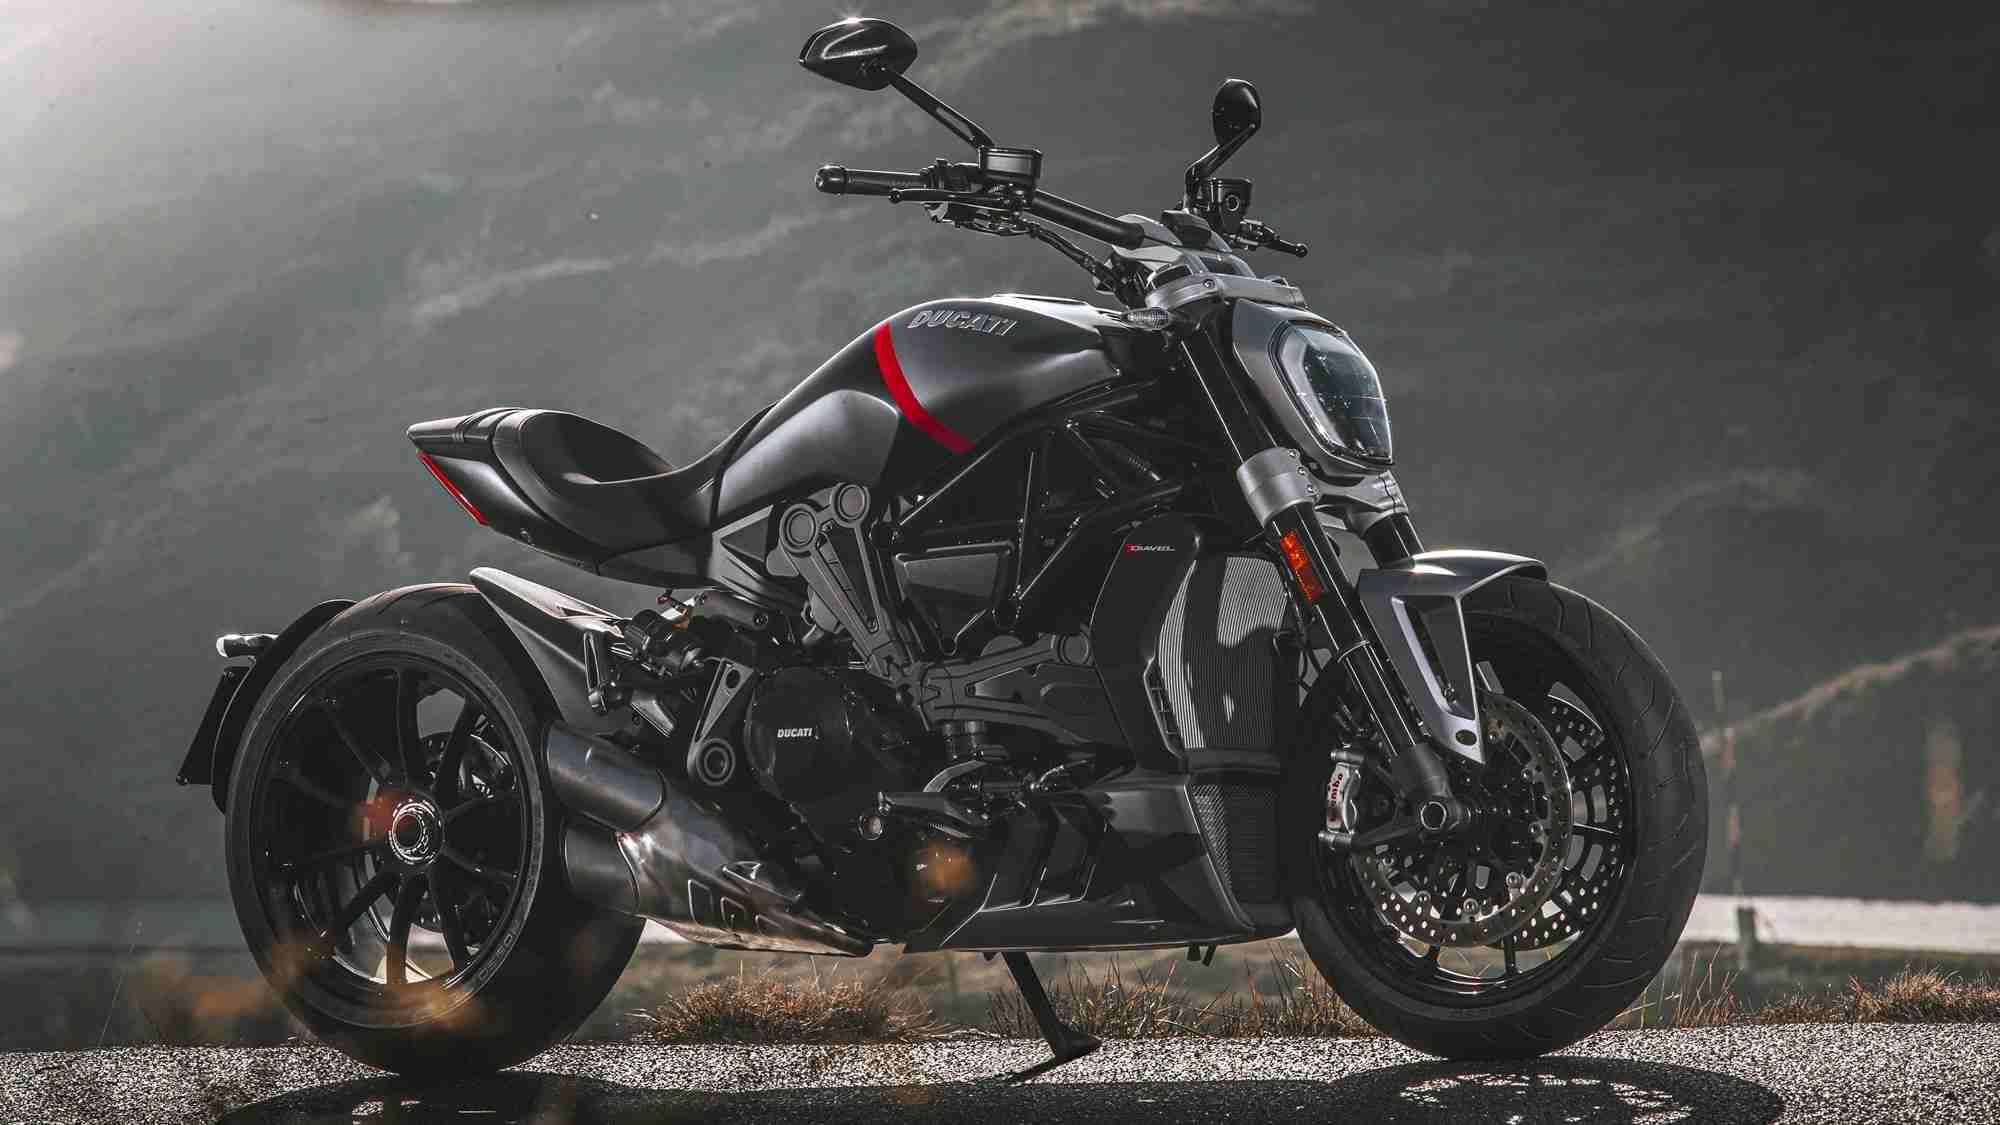 Ducati XDiavel Black Star HD wallpaper